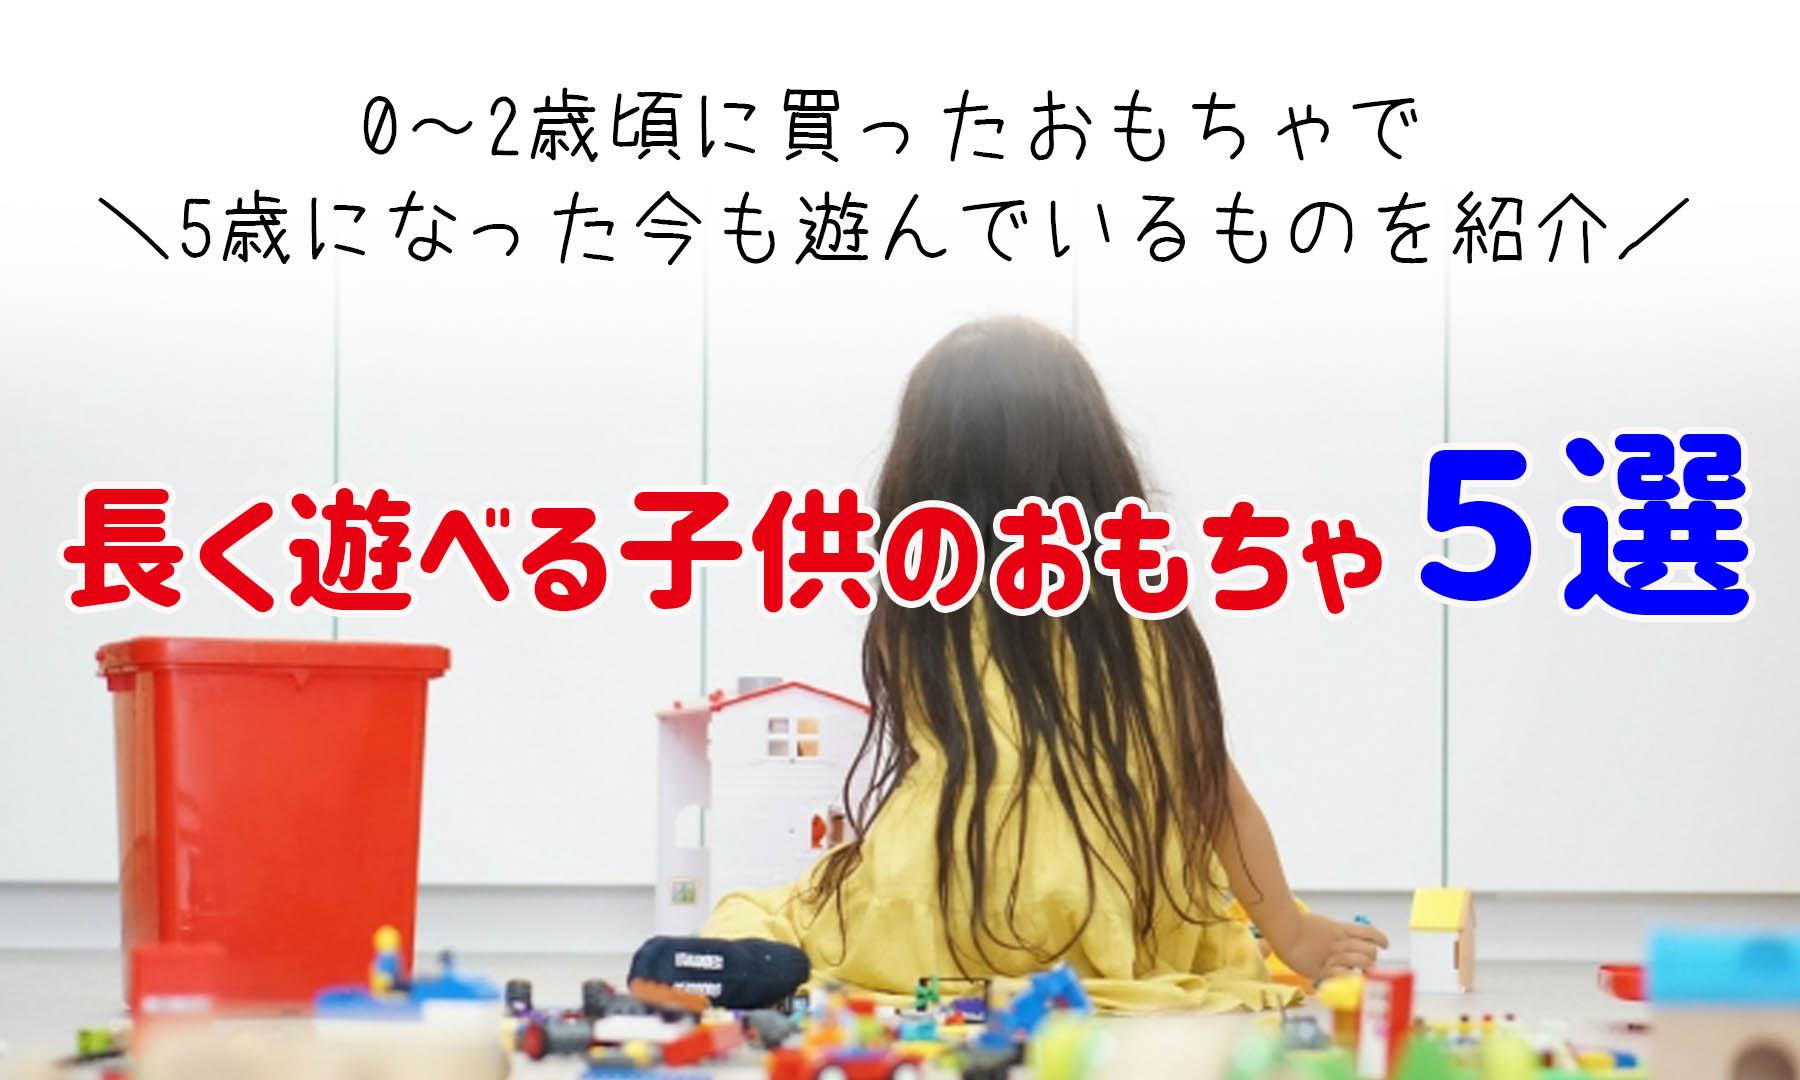 2歳から5歳の今でも!長く遊べる子供のおもちゃ5選・おすすめ厳選